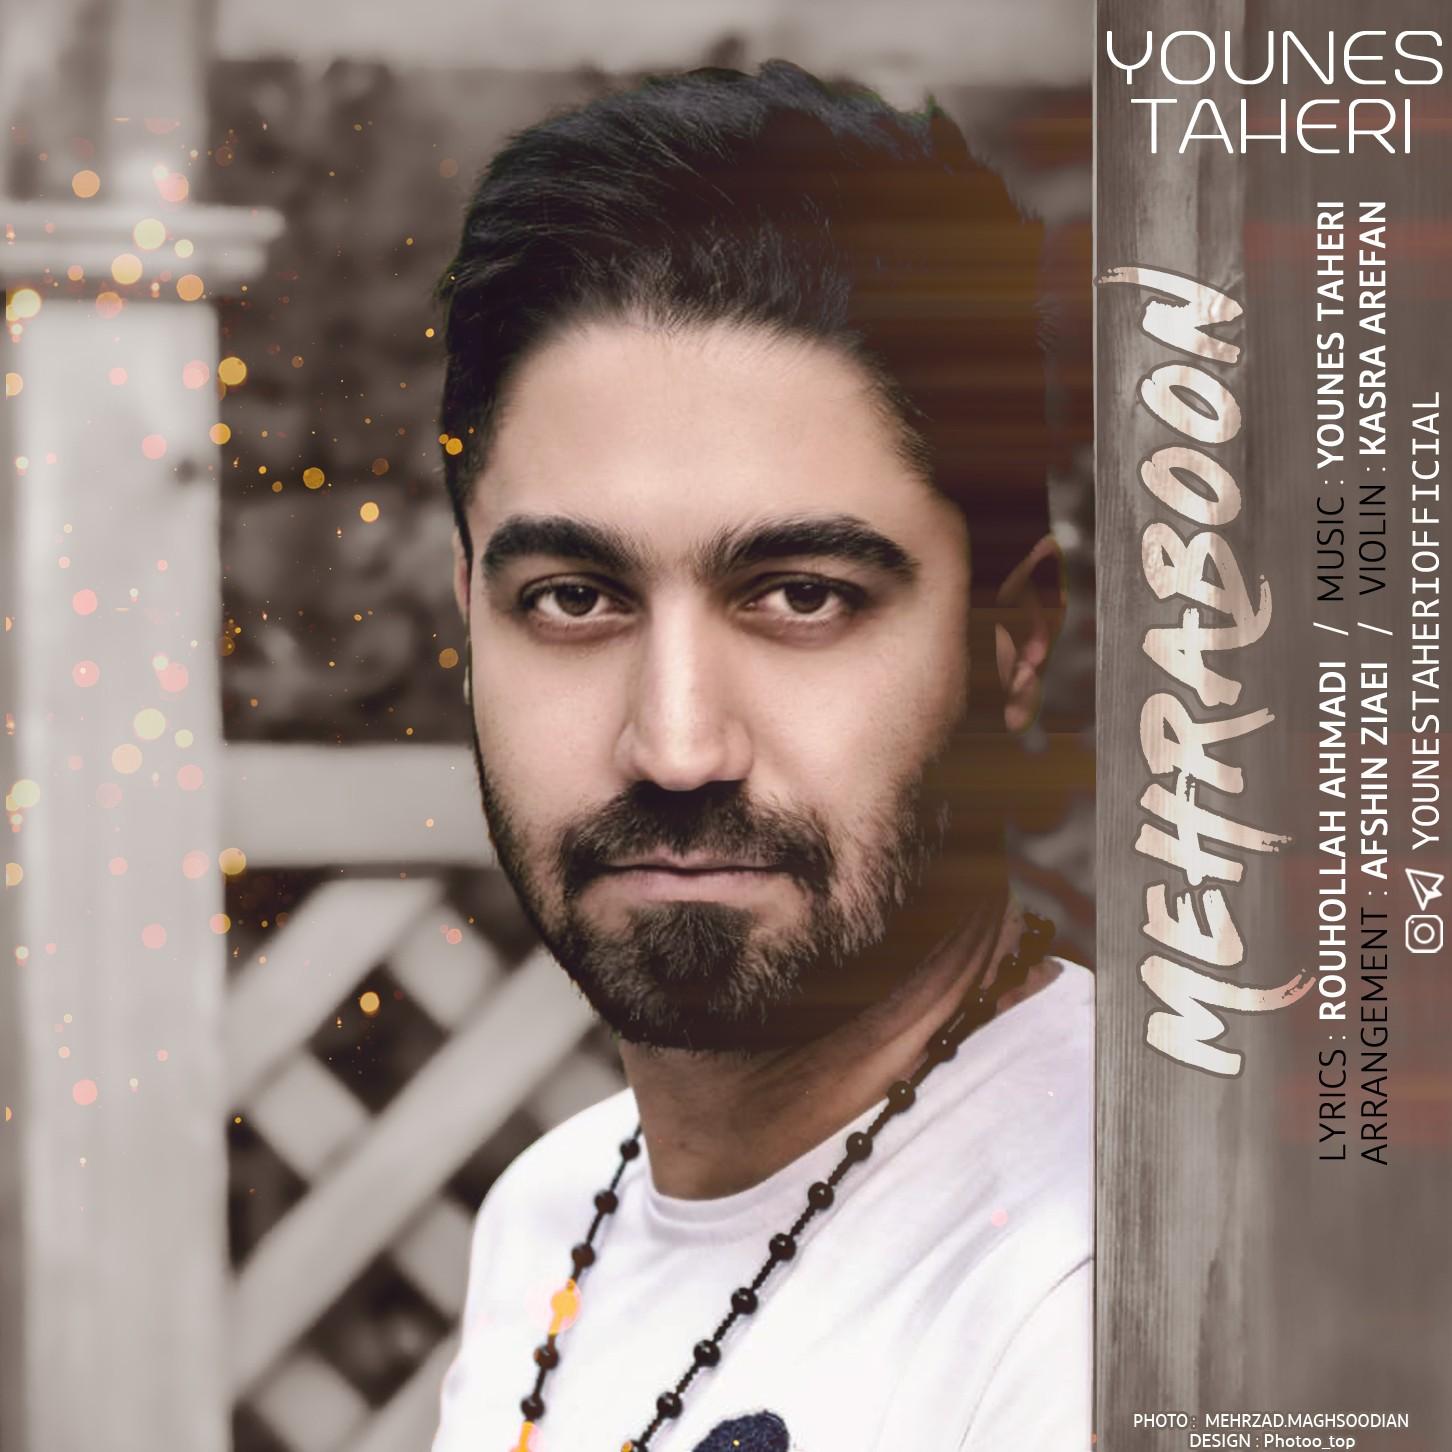 Younes Taheri – Mehraboon